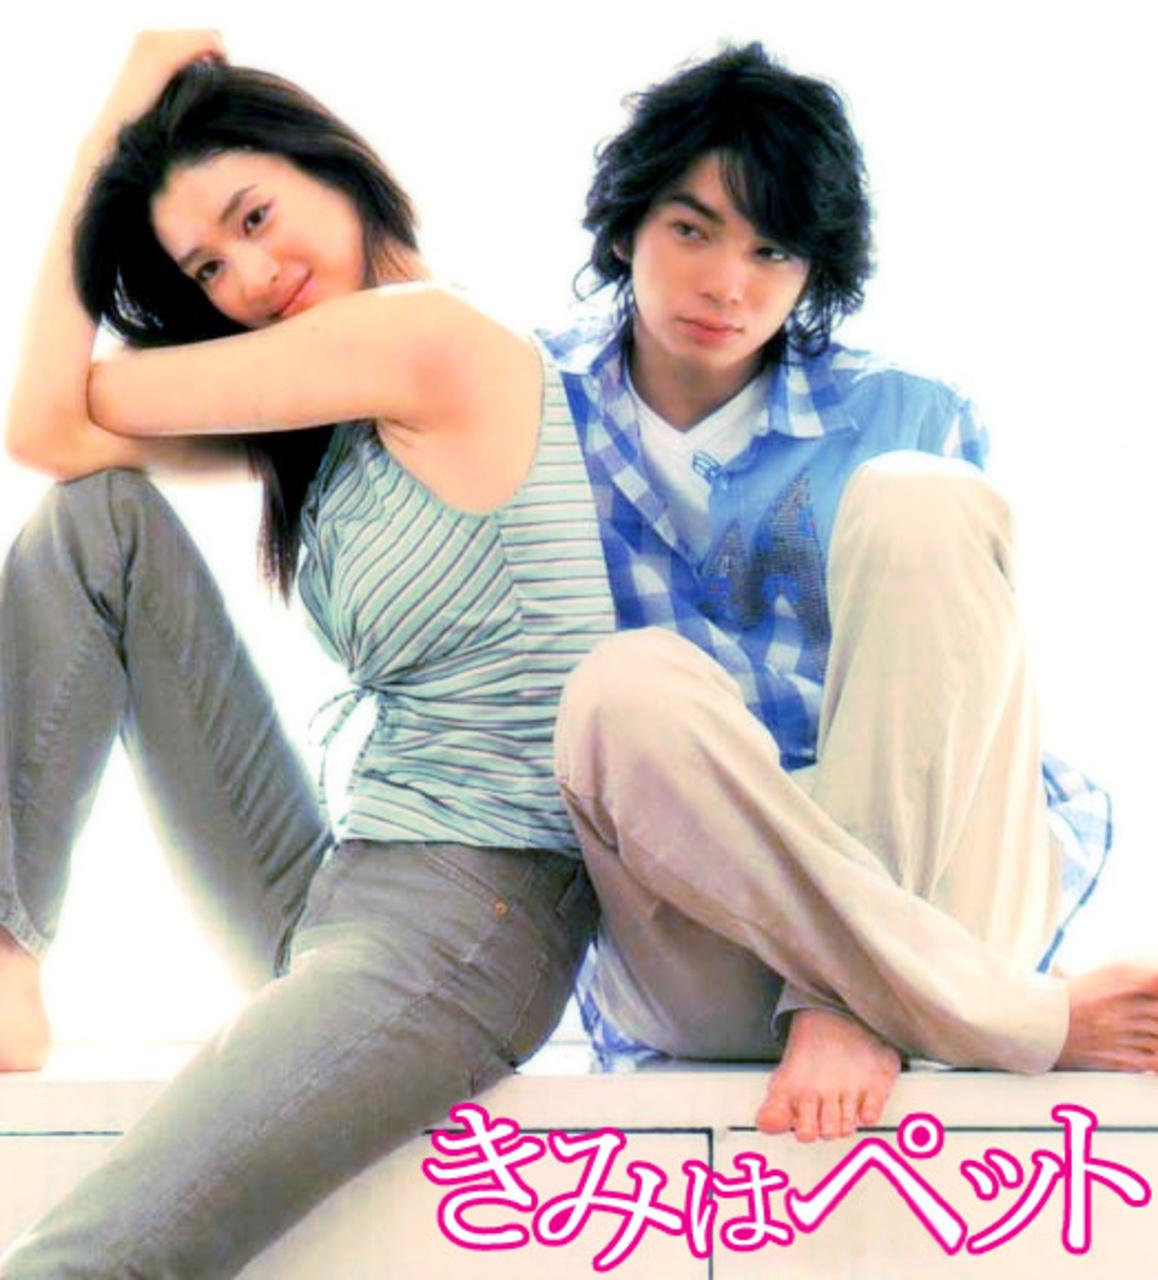 covers 29339 - Мой любимец ✦ 2003 ✦ Япония